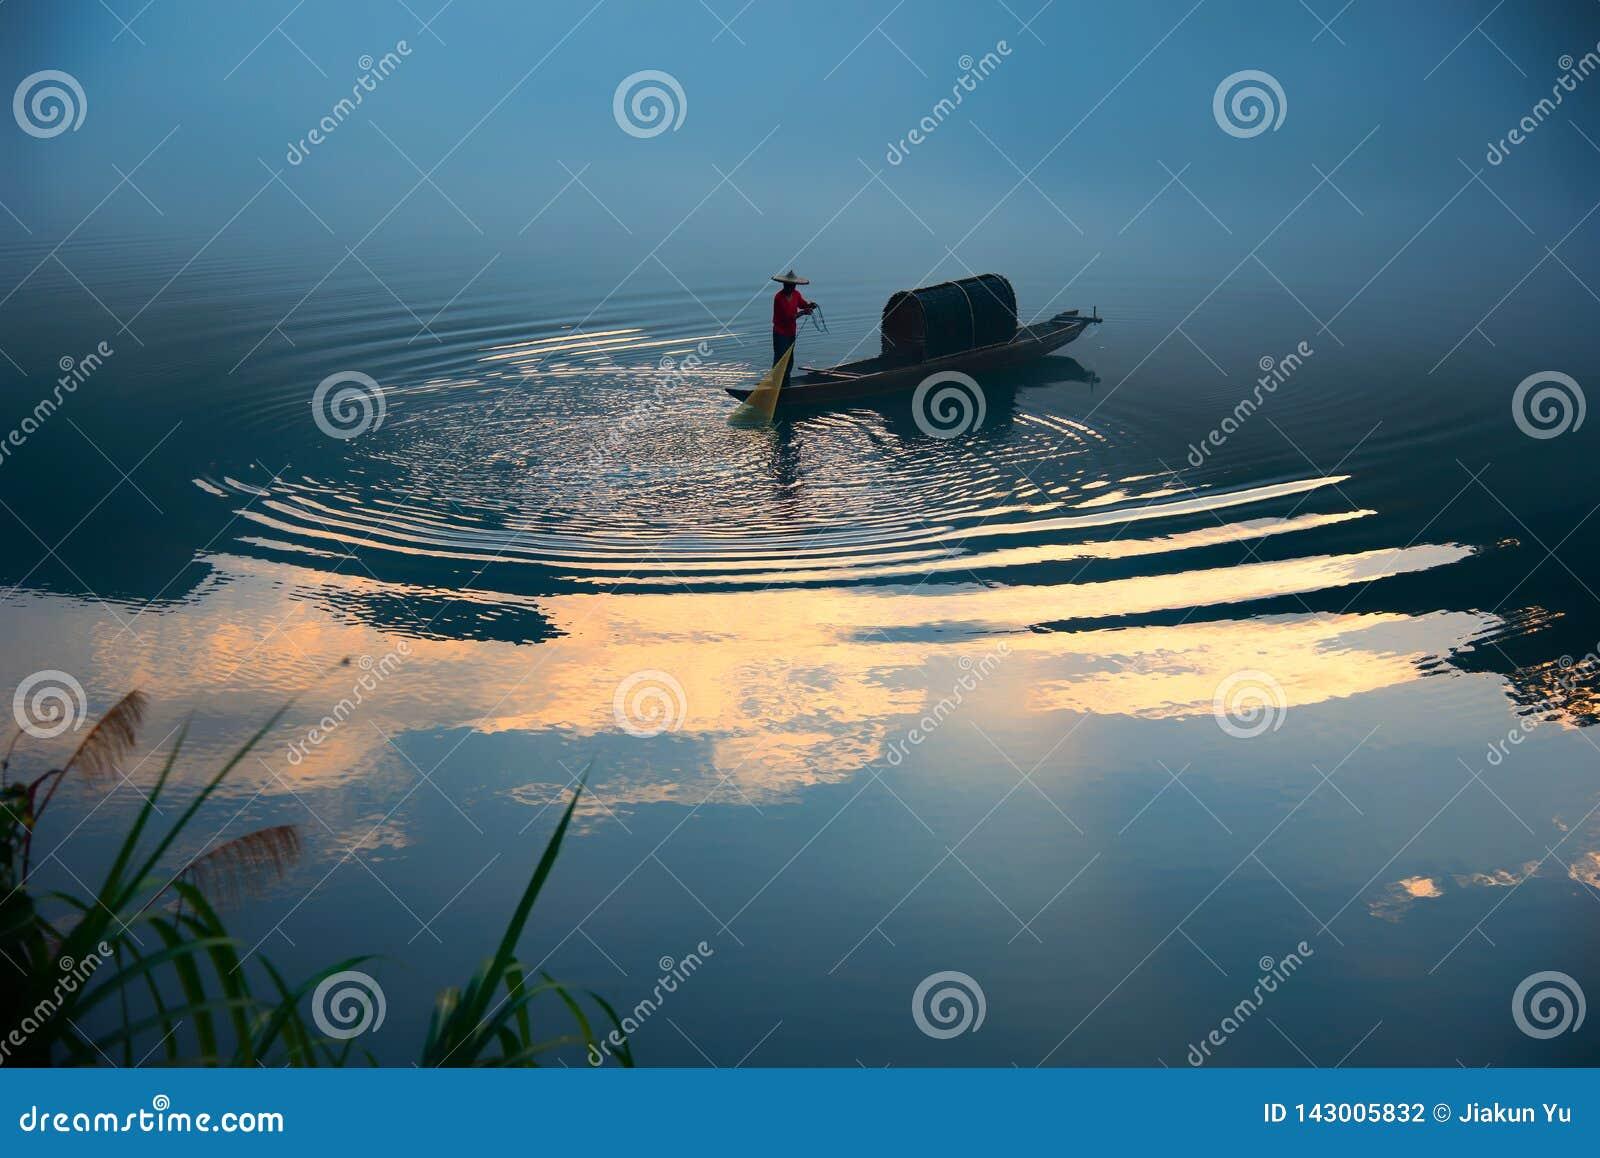 Un fishman sur le bateau dans le brouillard sur la rivière, la réflexion d or de nuage sur la surface de la rivière, ondulation d